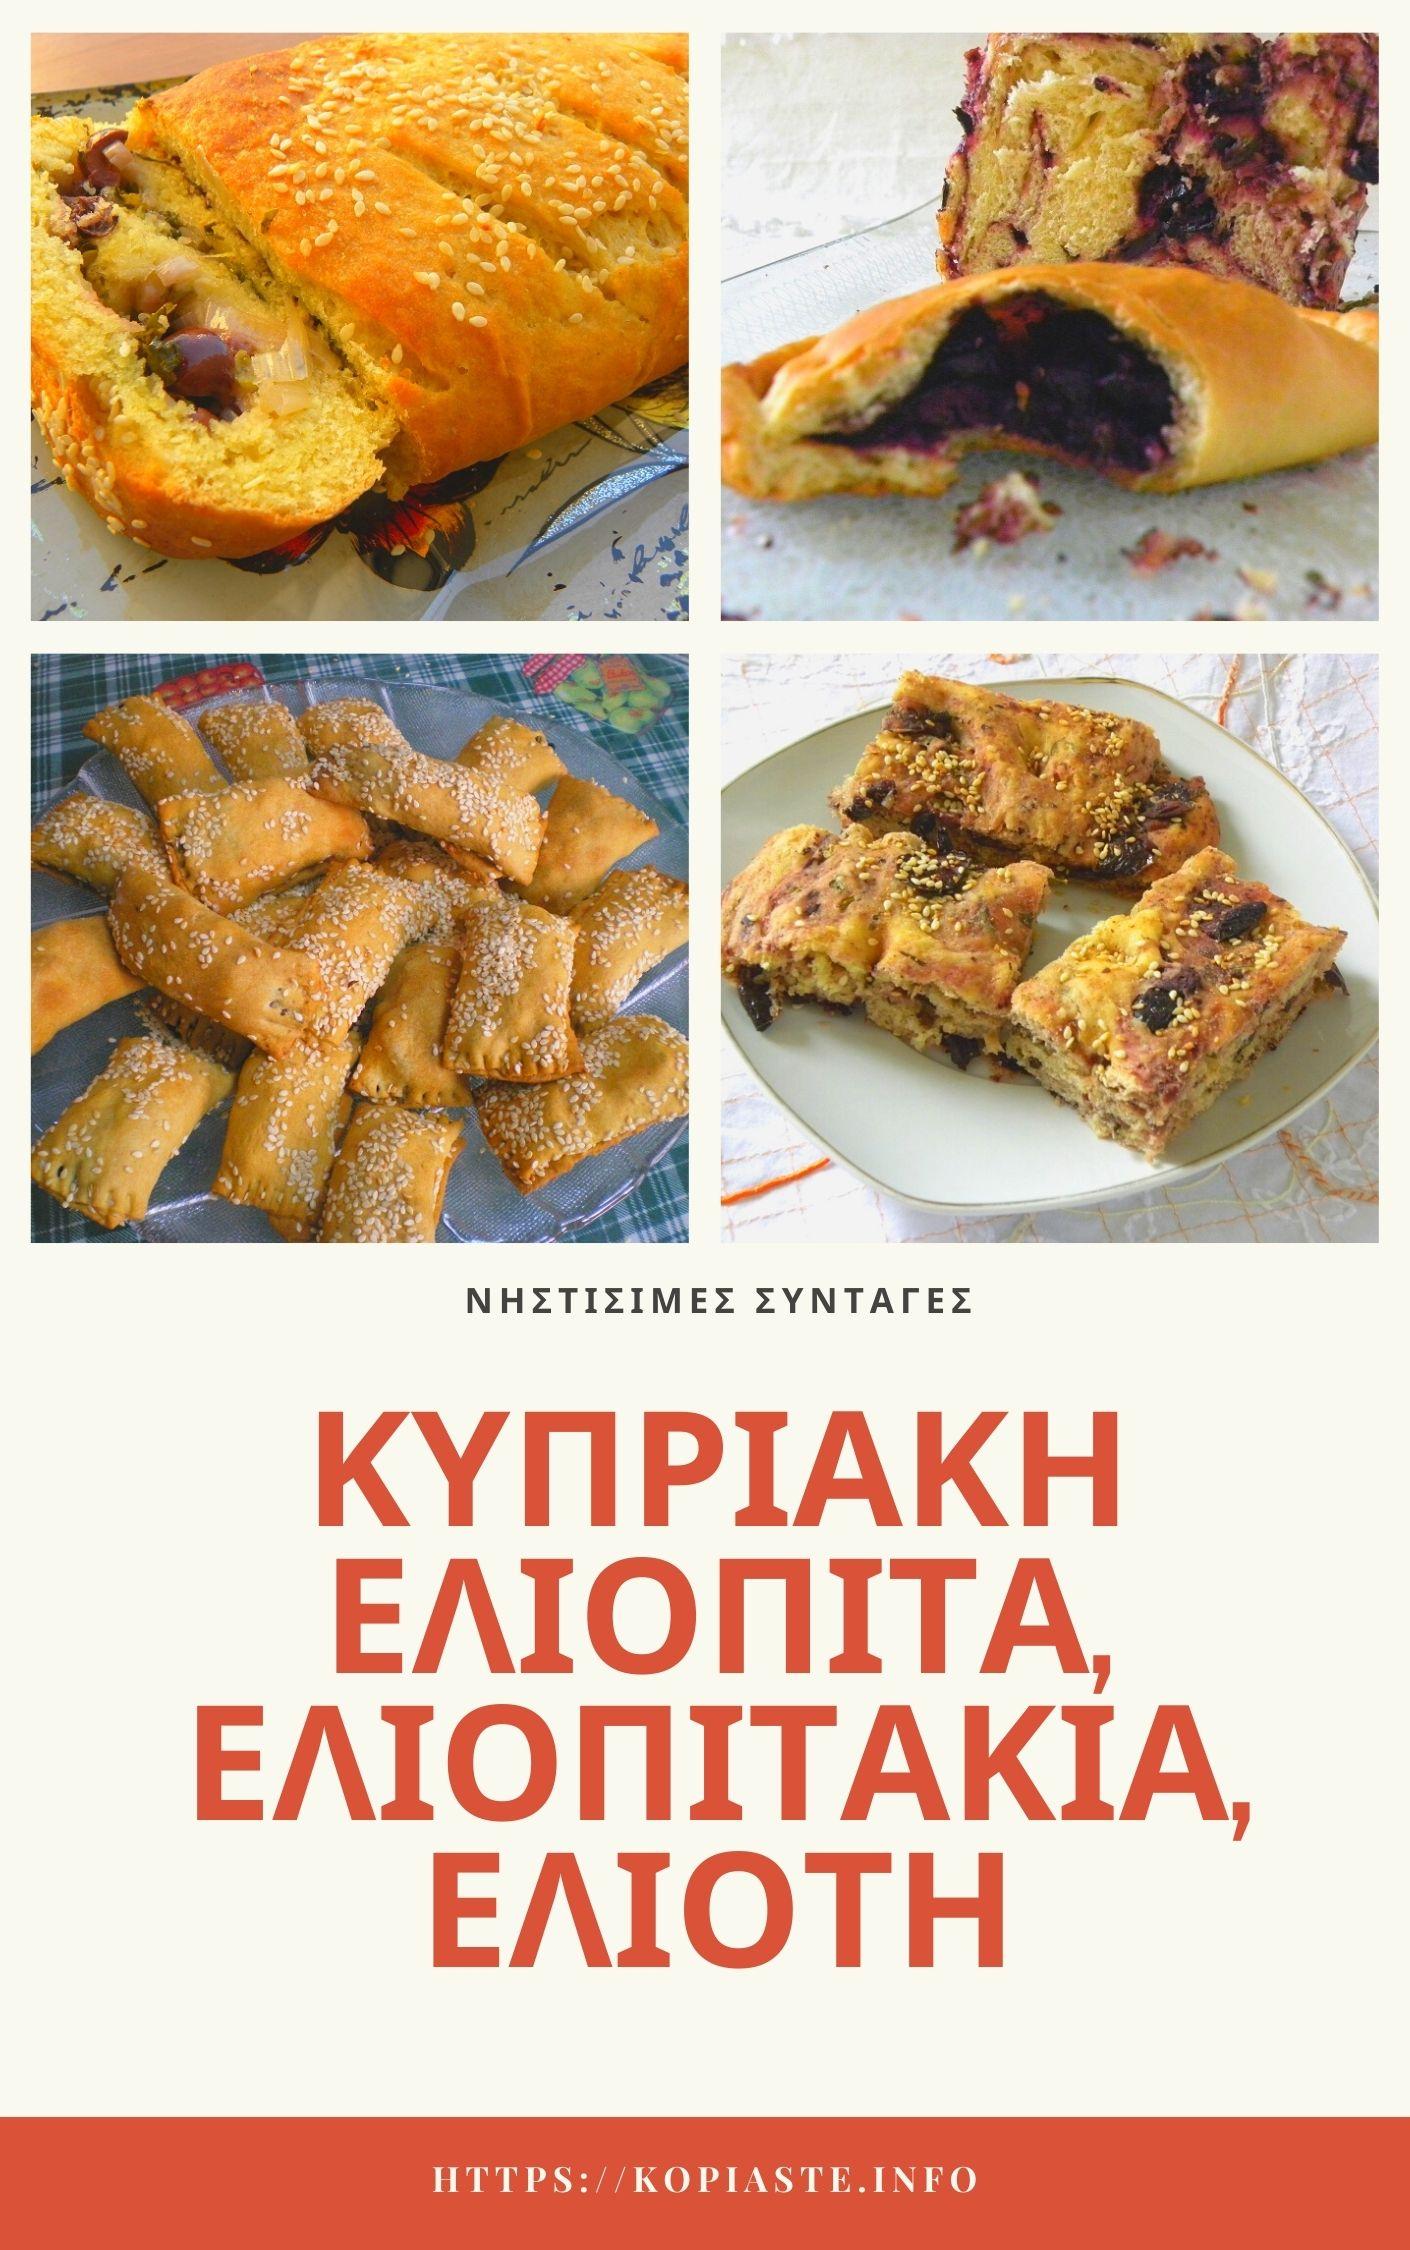 Κολάζ Κυπριακή Ελιόπιτα Ελιοπιτακια Ελιοτή εικόνα